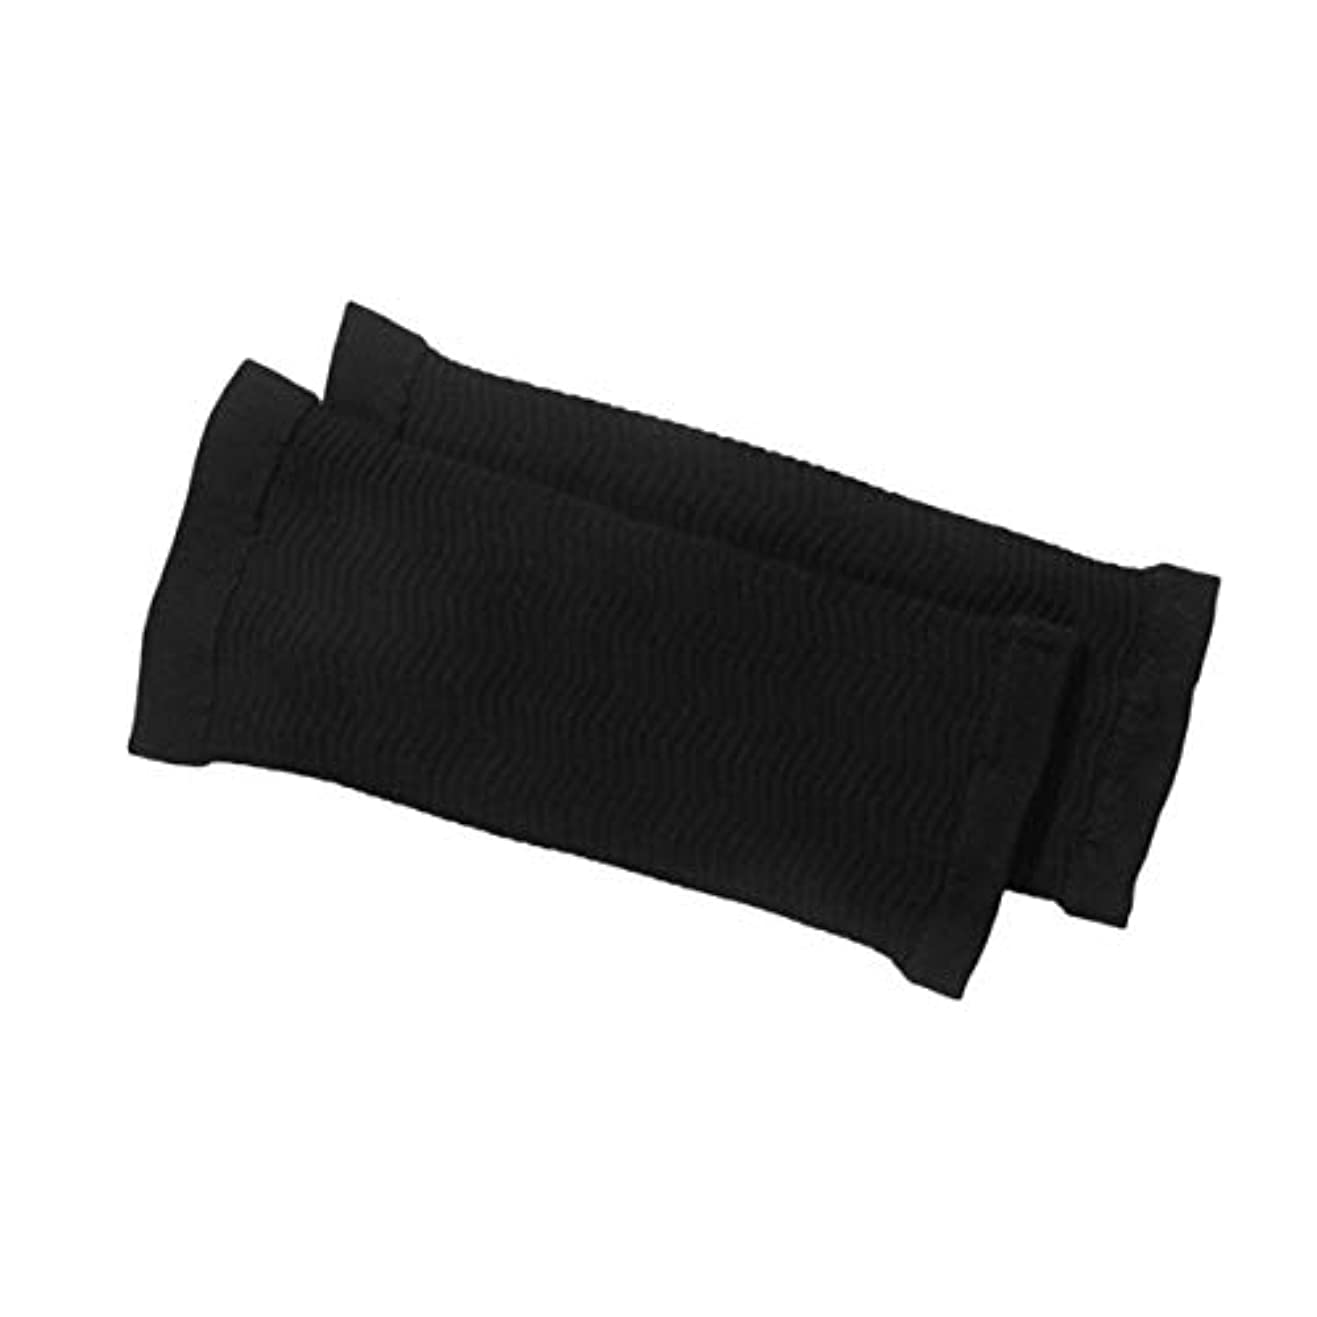 壮大な解読する指標1ペア420 D圧縮痩身アームスリーブワークアウトトーニングバーンセルライトシェイパー脂肪燃焼袖用女性 - 黒